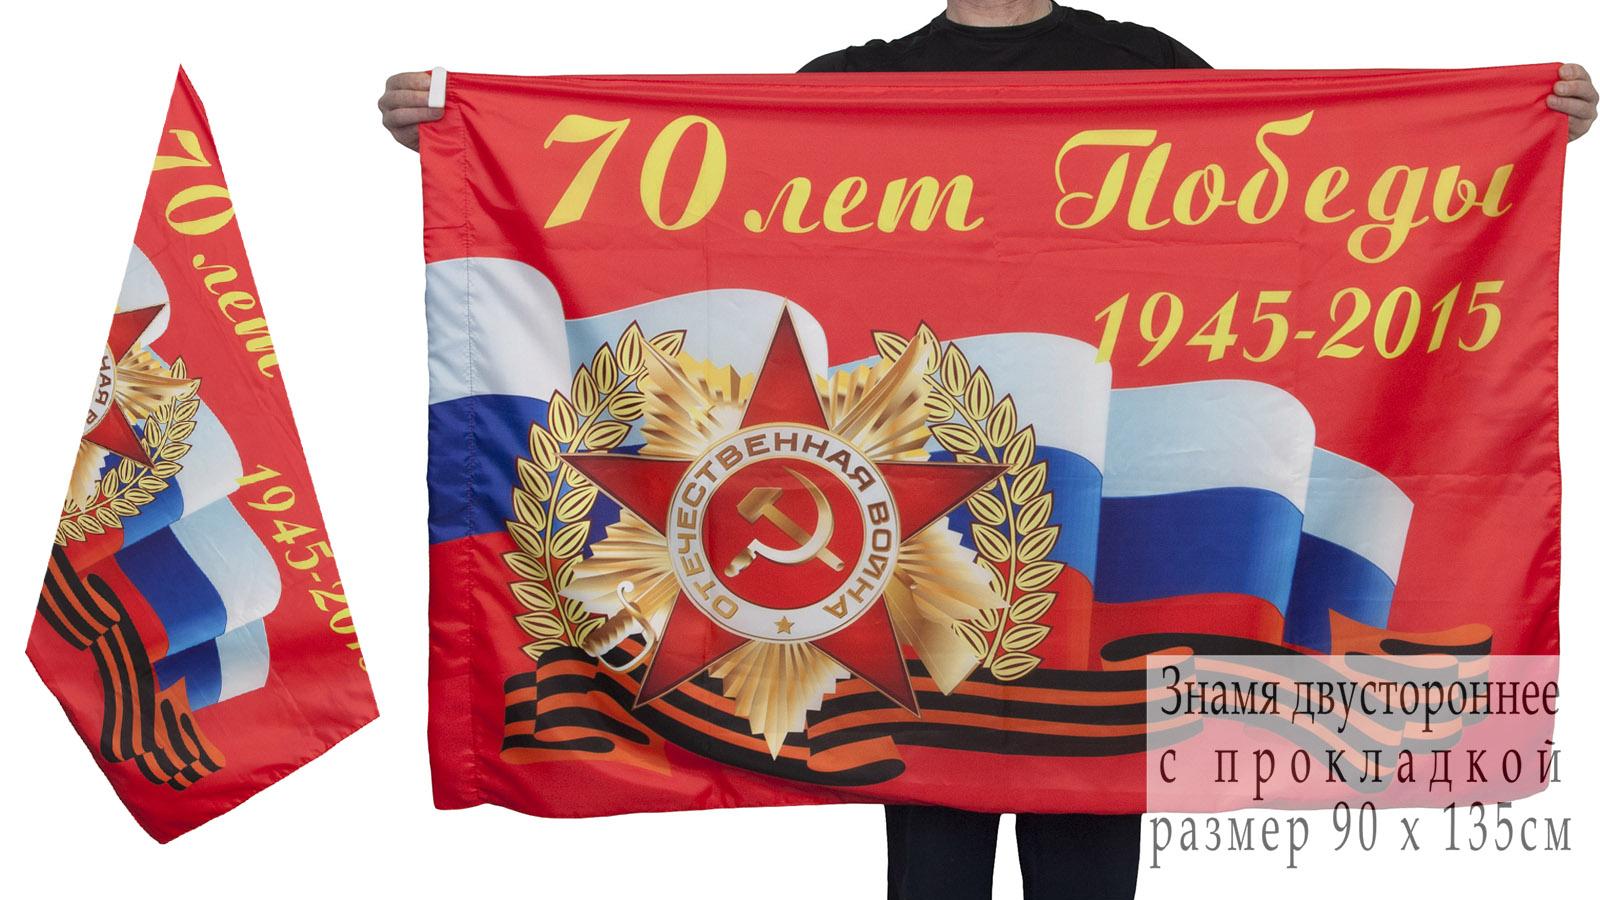 Двухстороннее знамя к Юбилею Победы